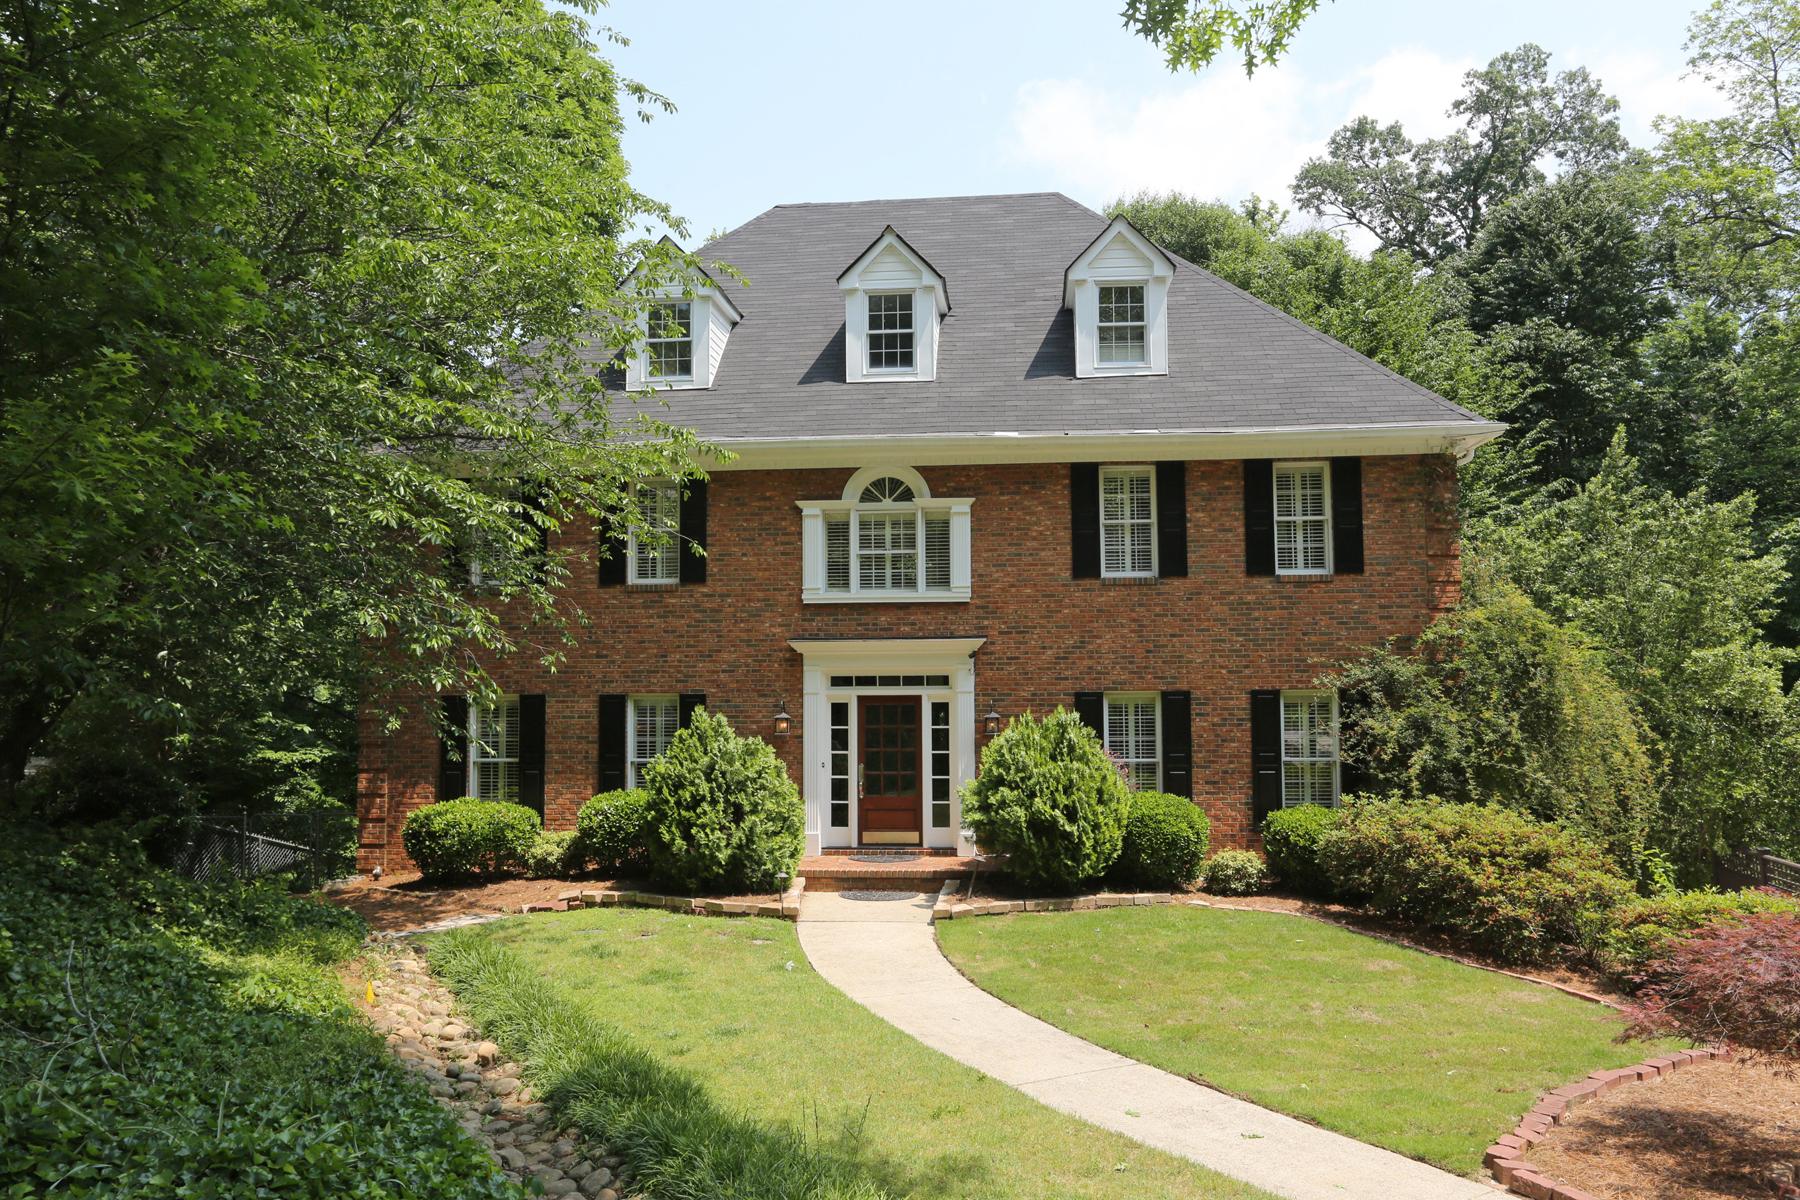 Casa para uma família para Venda às Beautiful Updated Home in Popular Pine Hills! 1983 Woodsdale Rd Atlanta, Geórgia, 30324 Estados Unidos